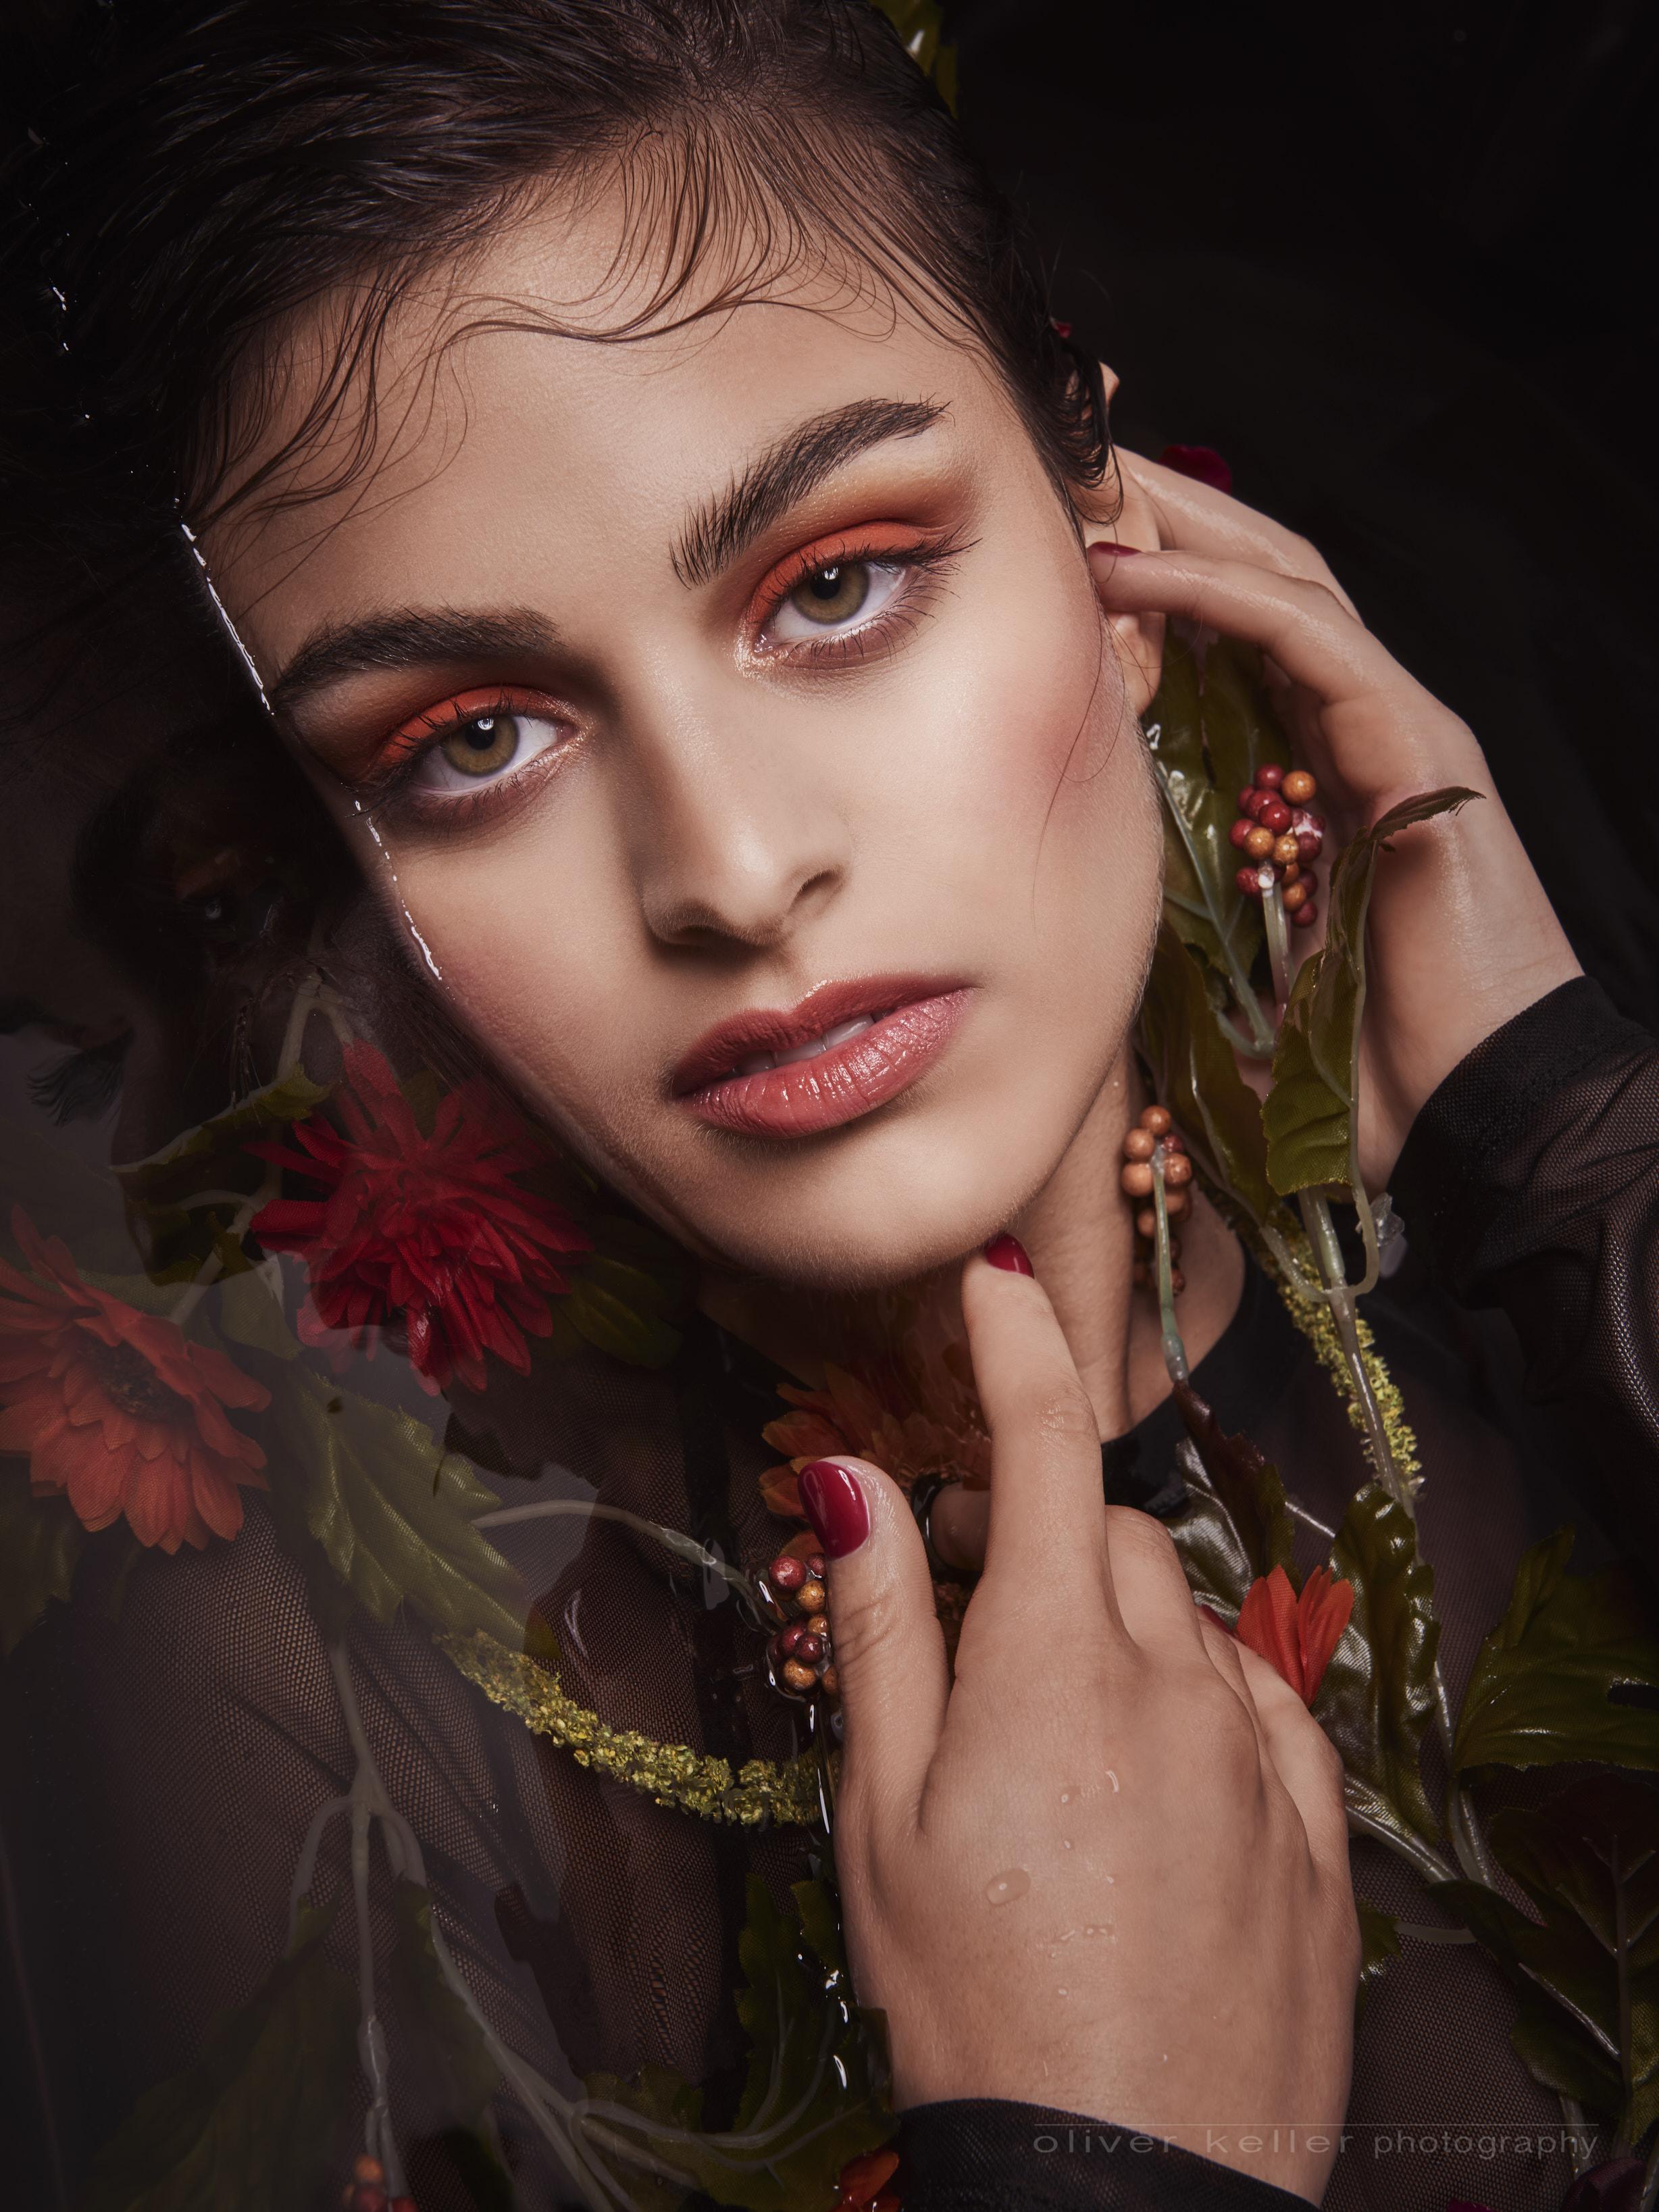 2018-10-15-water-makeup-Fufu23685.jpg